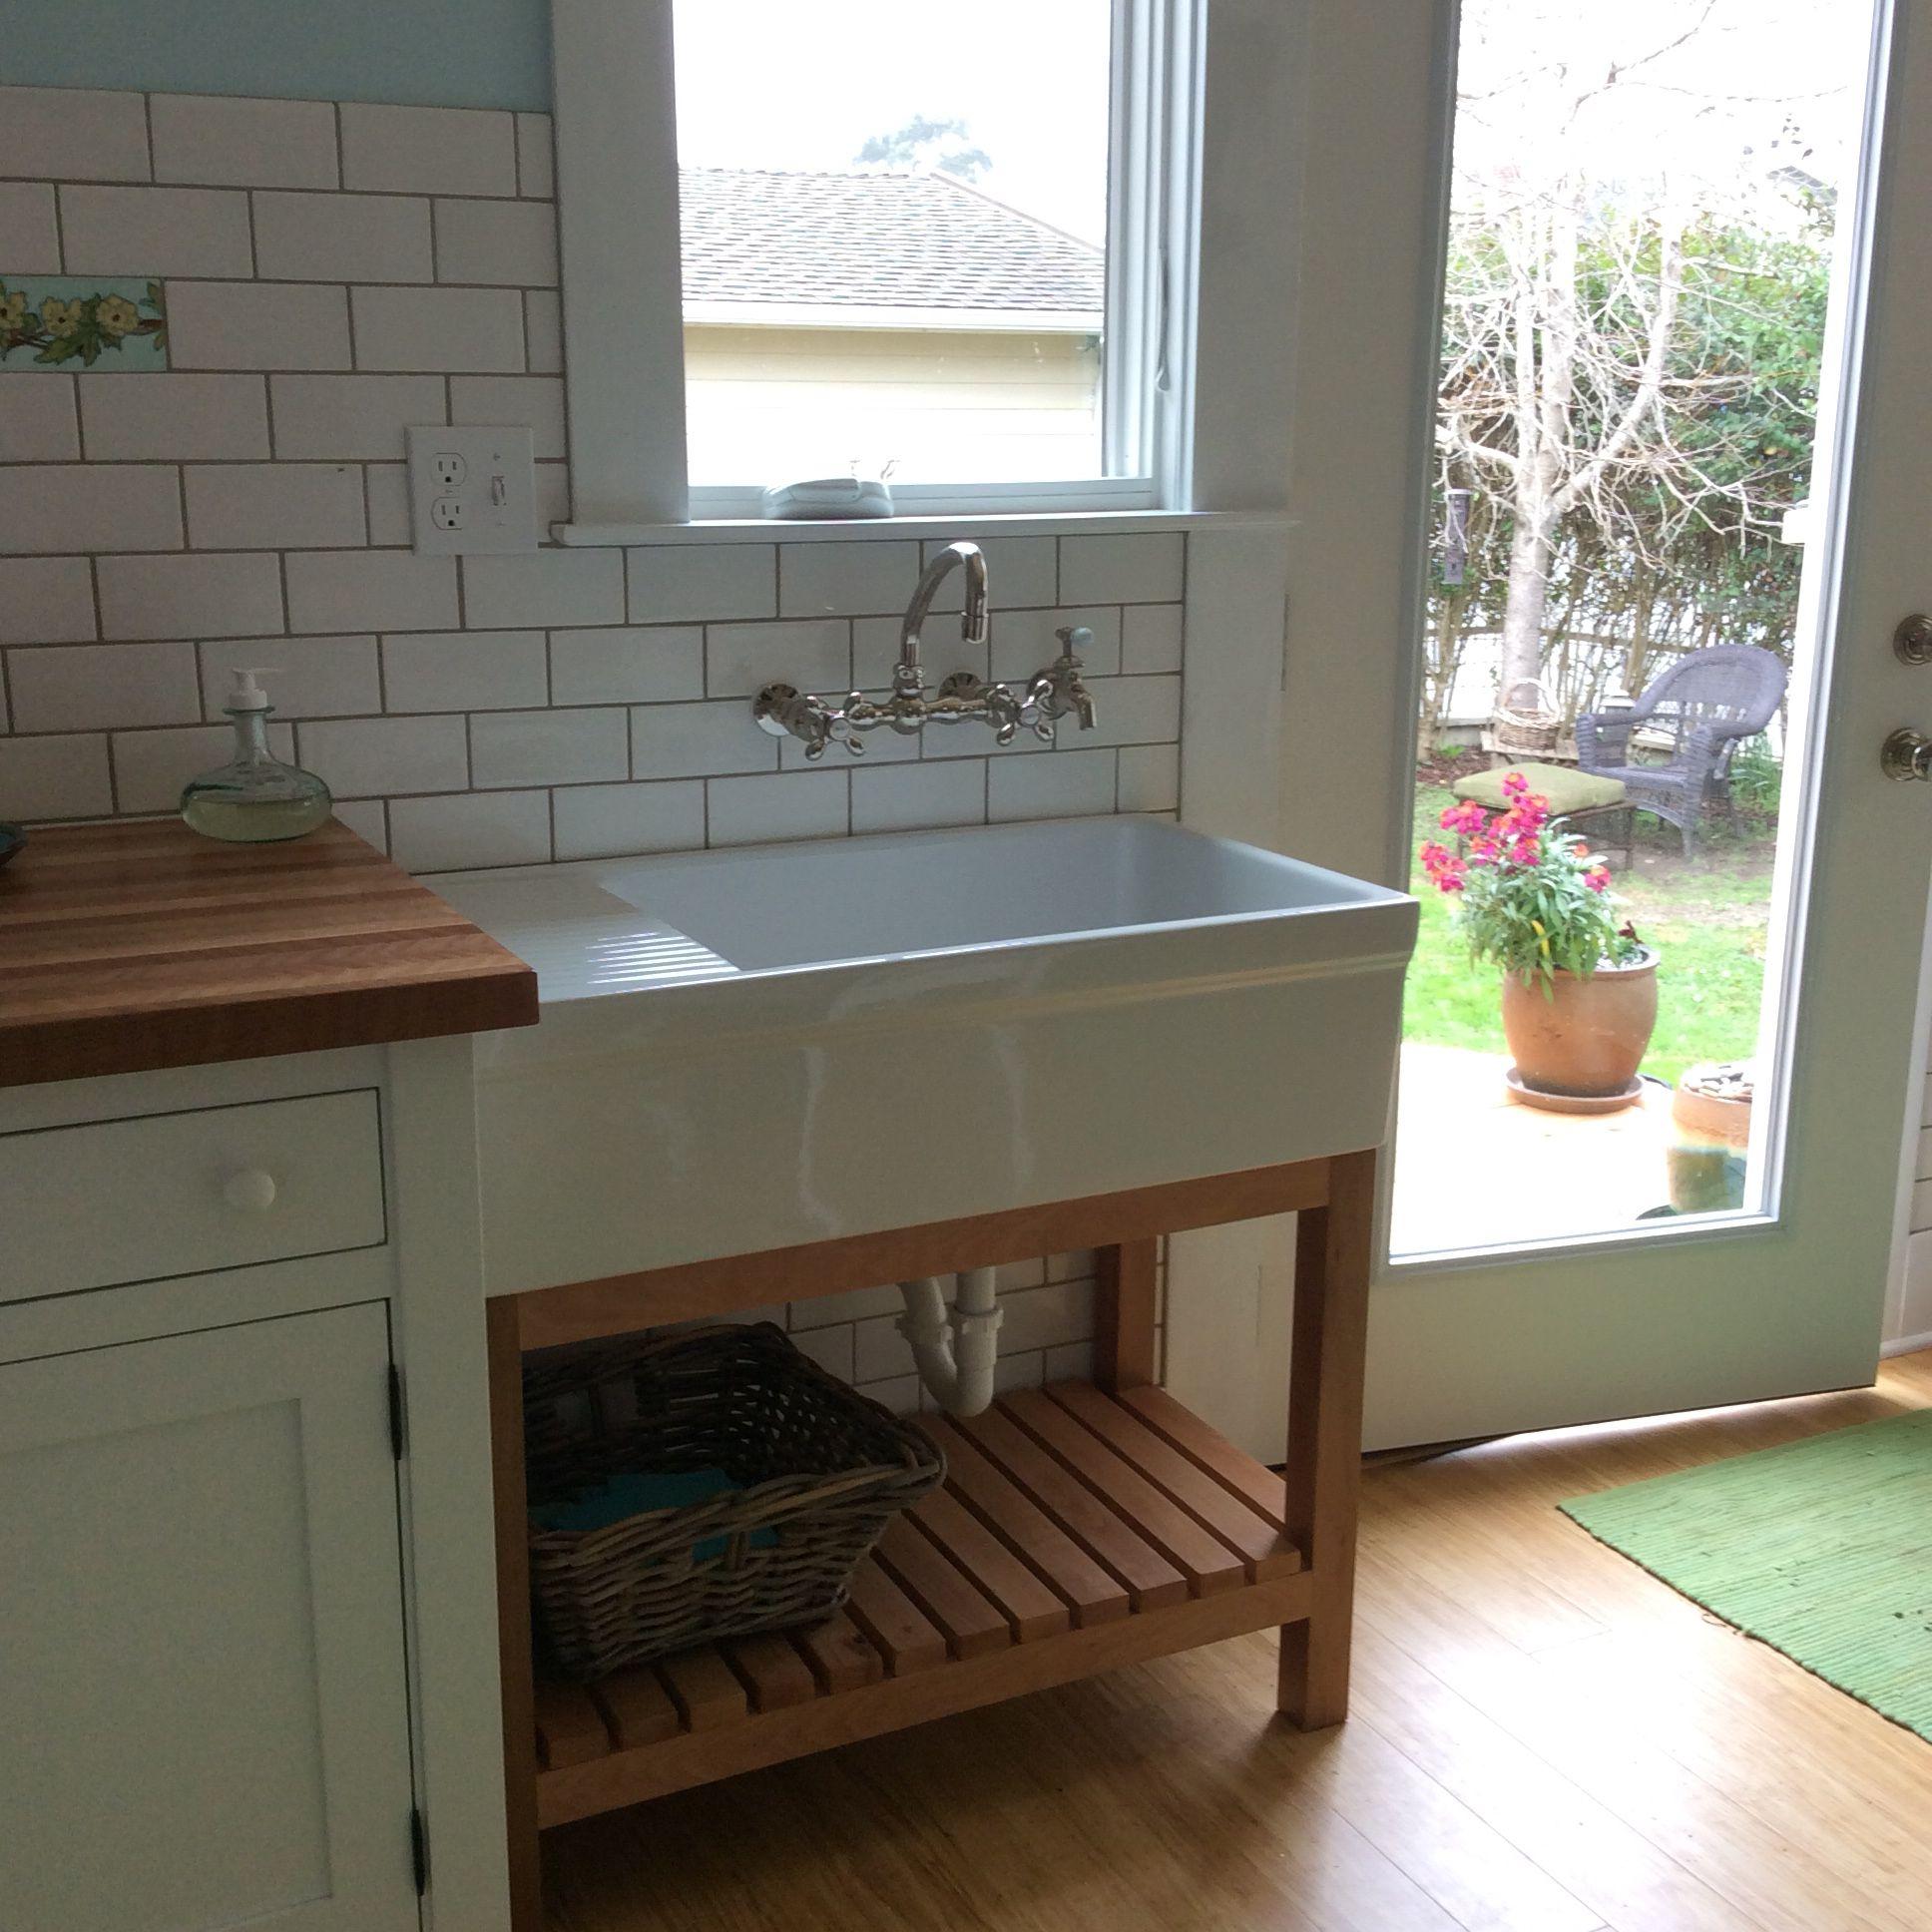 The Kitchen Sink In My Freestanding Unfitted Kitchen A Whitehaus